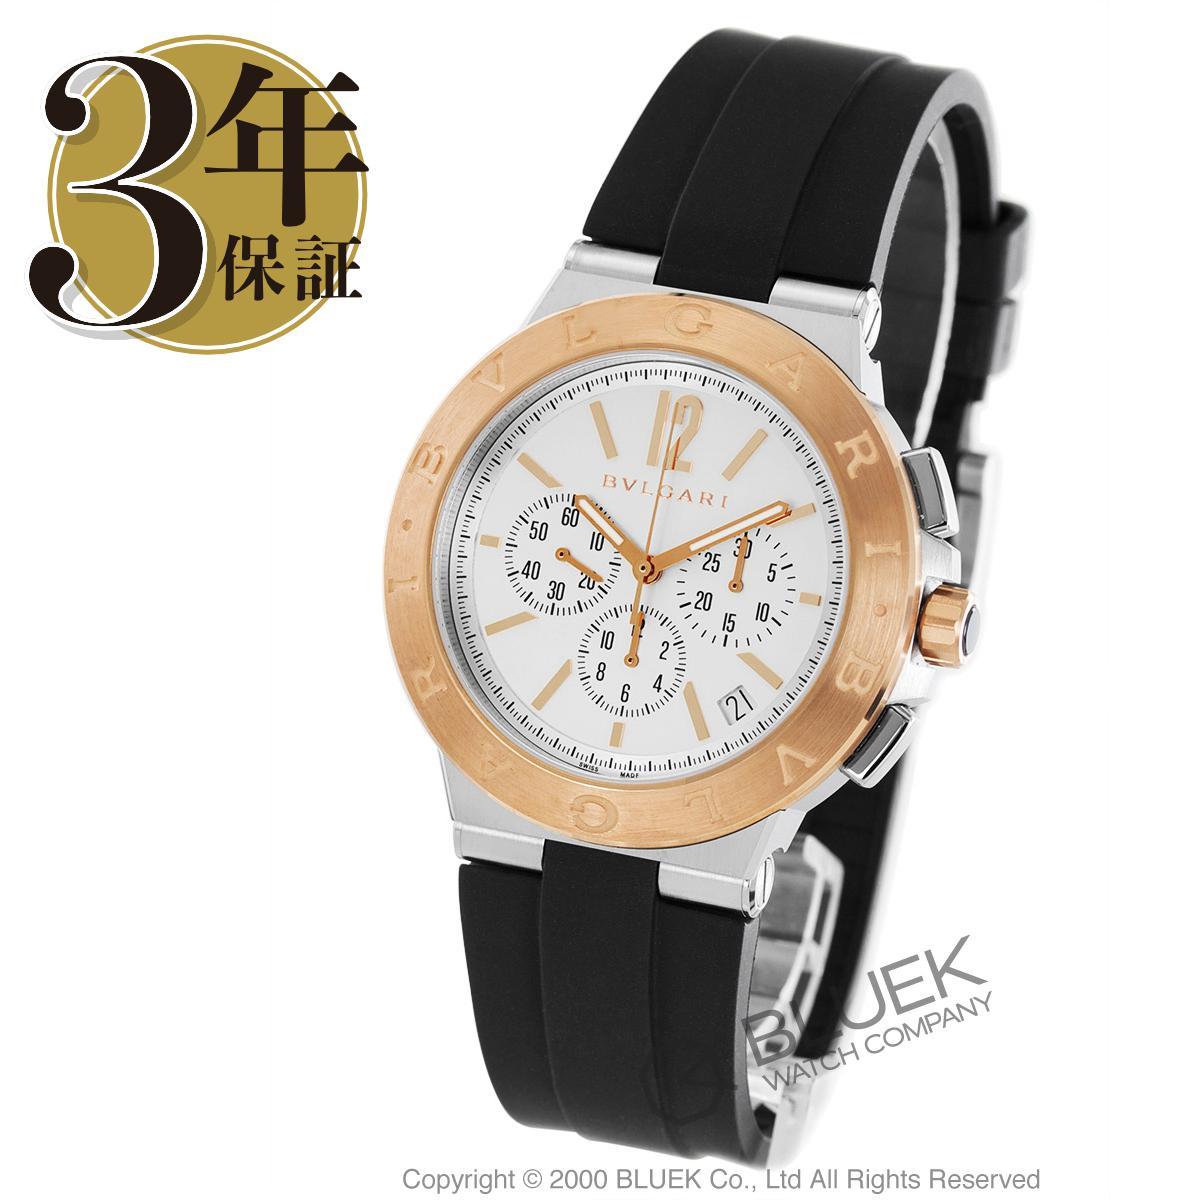 ブルガリ ディアゴノ ヴェロチッシモ クロノグラフ 替えベルト付き 腕時計 メンズ BVLGARI DG41WSPGVDCH-SET-BRW_8 バーゲン ギフト プレゼント